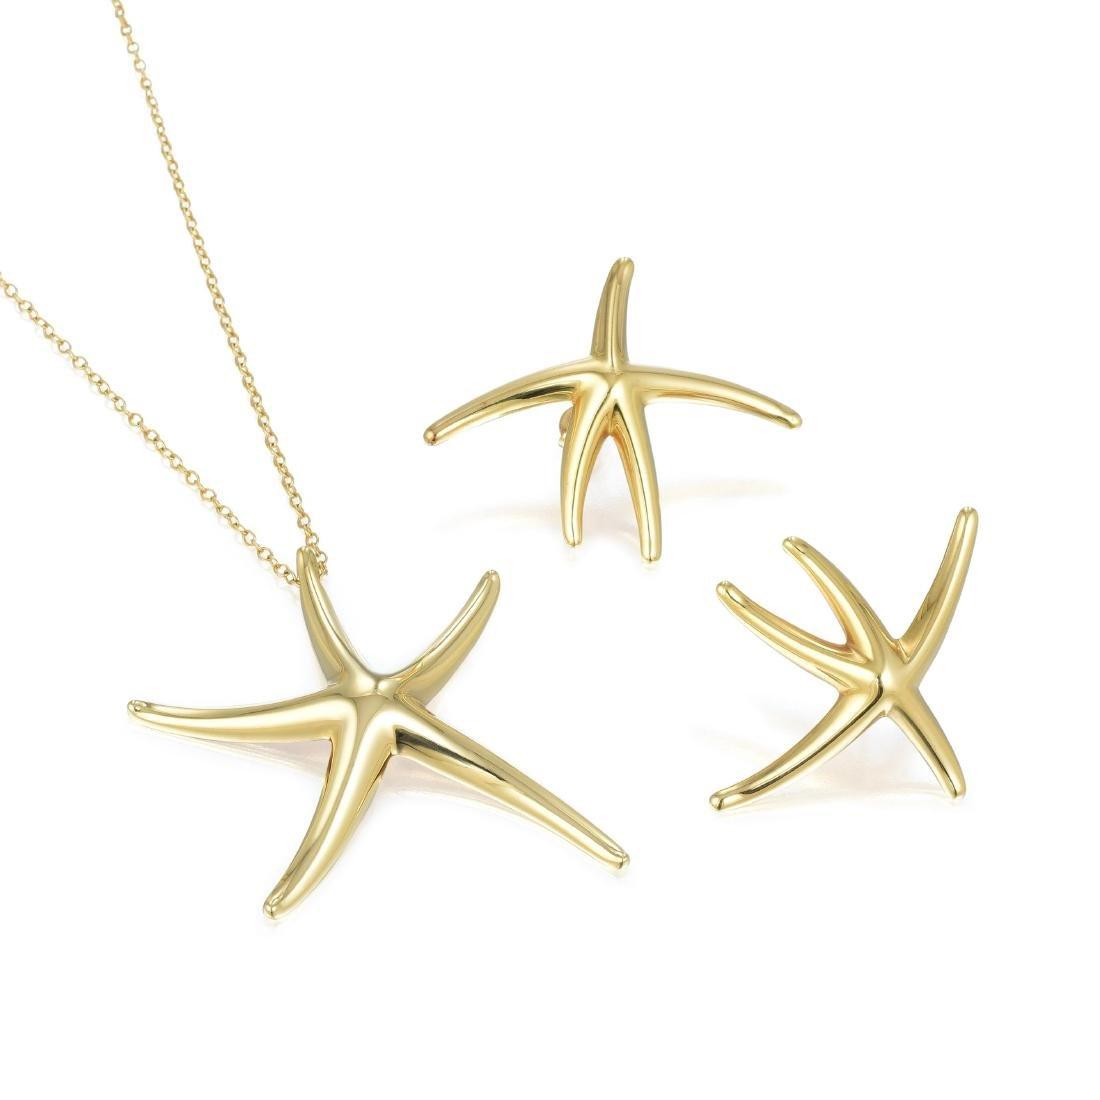 Tiffany & Co. Elsa Peretti Starfish Pendant Necklace